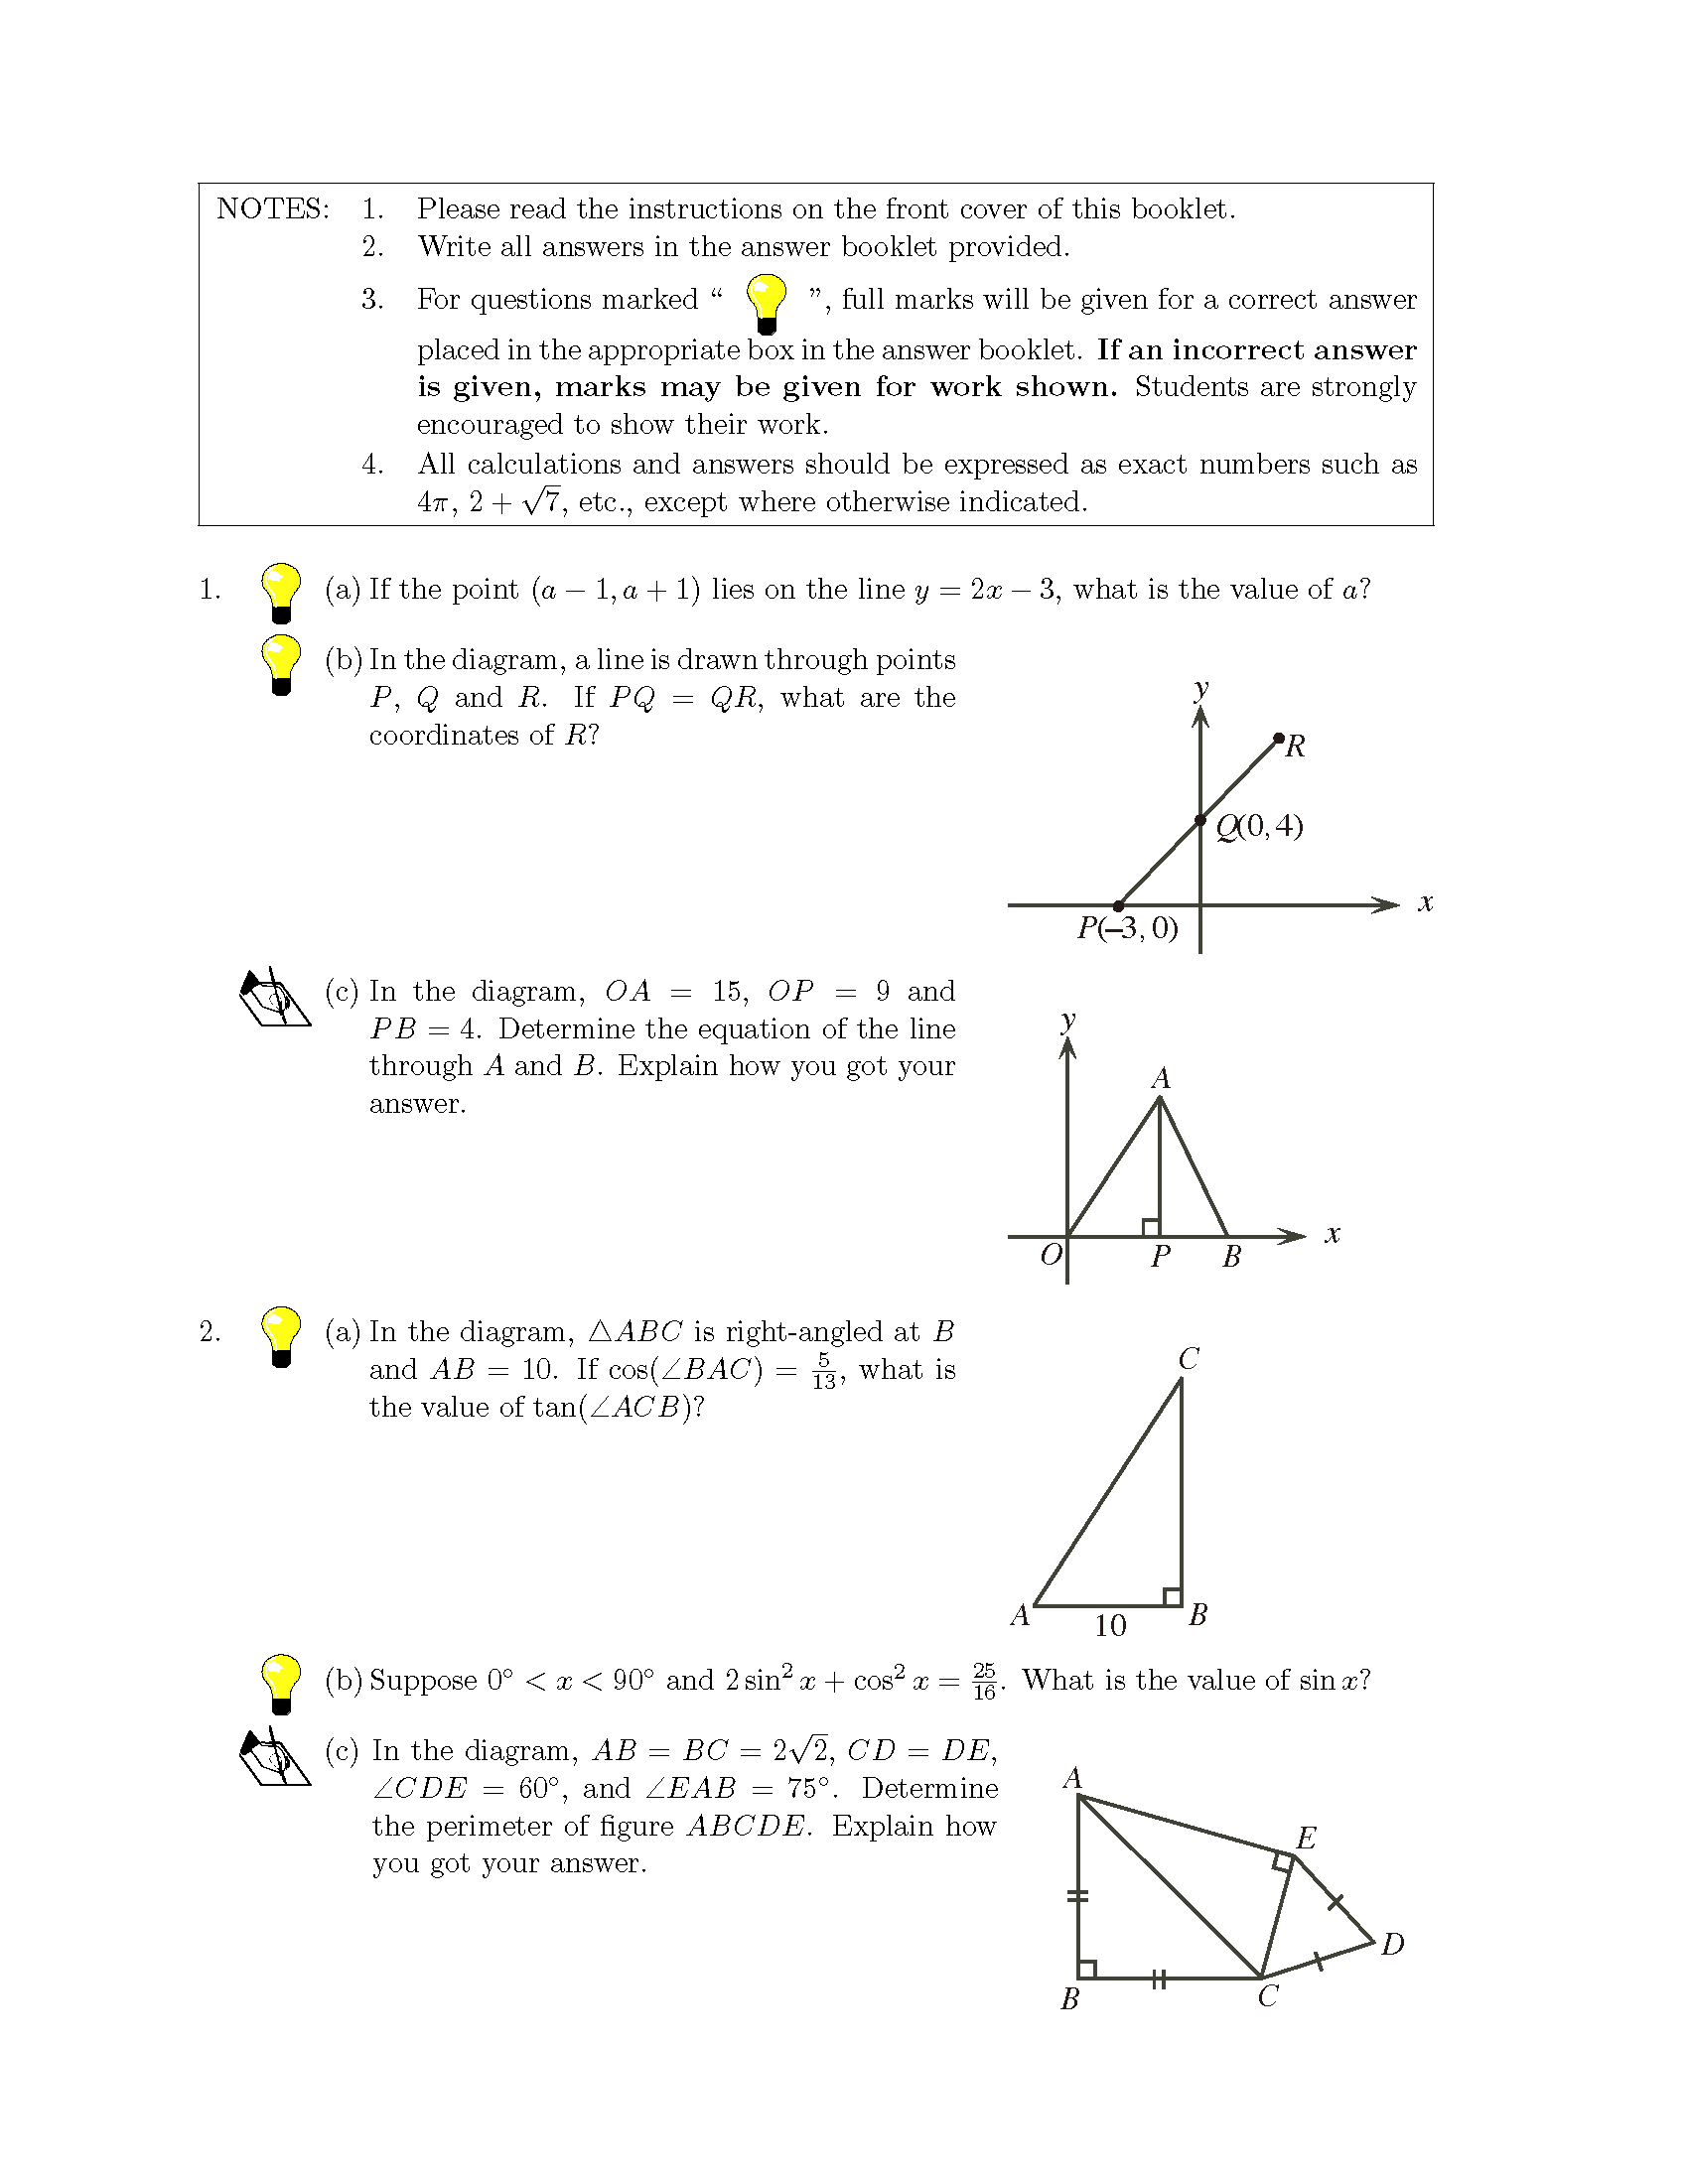 加拿大数学竞赛CMC-Euclid欧几里德数学竞赛2007年真题